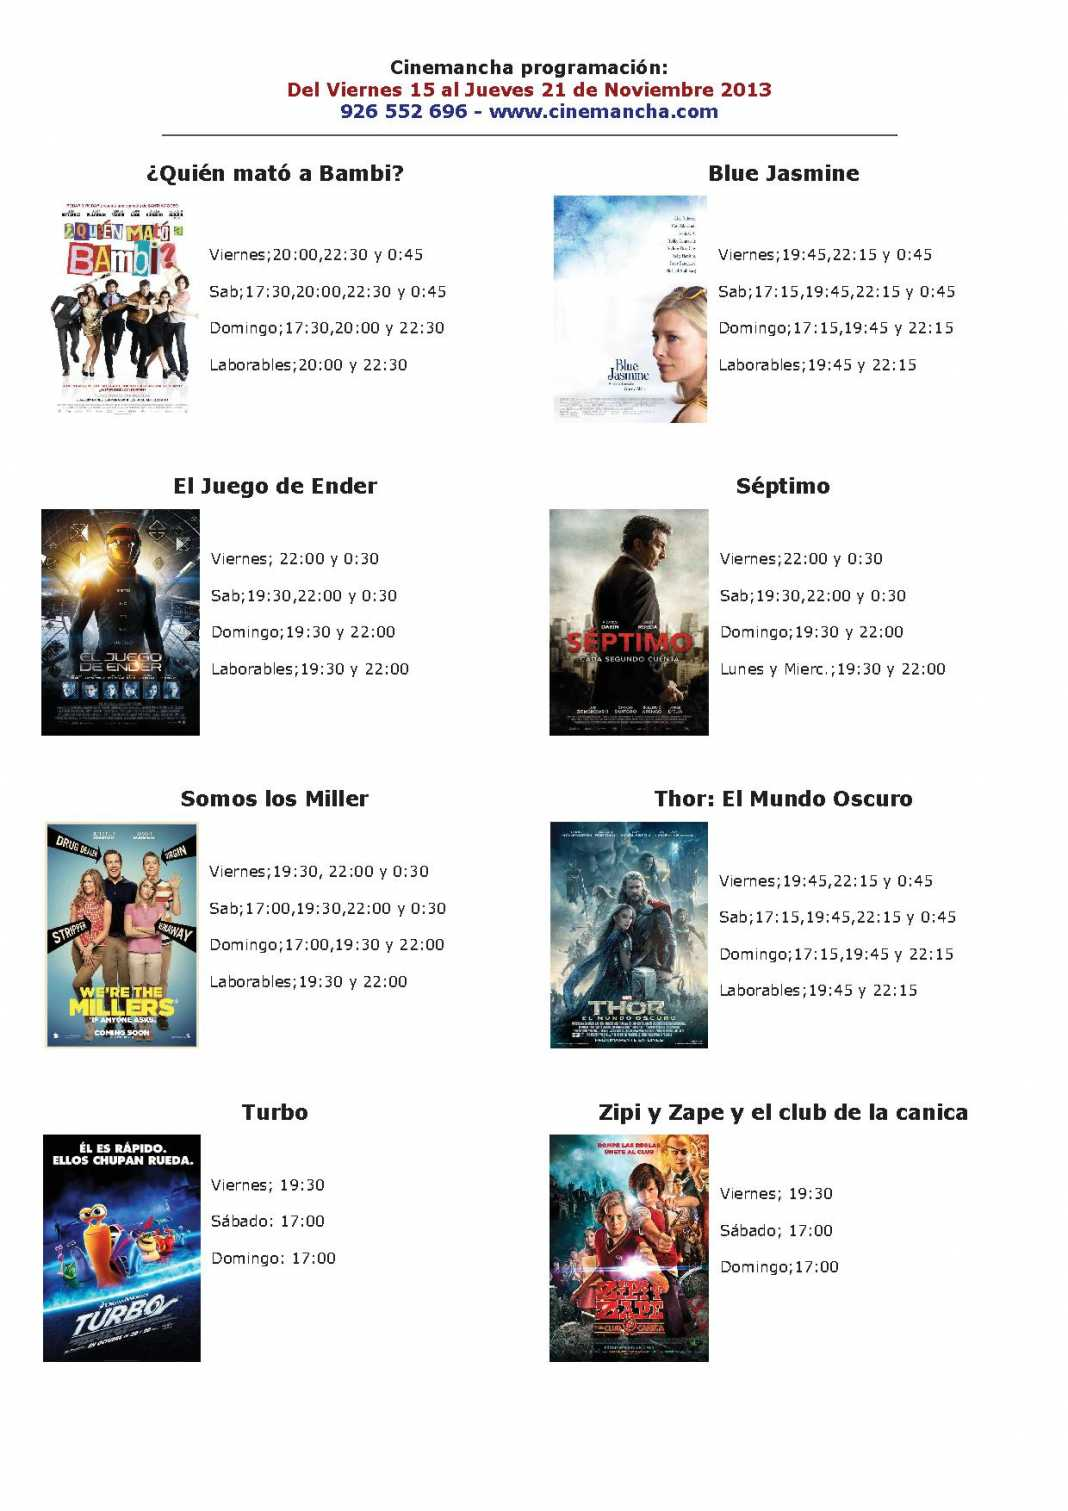 cartelera de multicines cinemancha del 15 al 21 de noviembre 1068x1511 - Programación Cinemancha del15 al 21 de noviembre